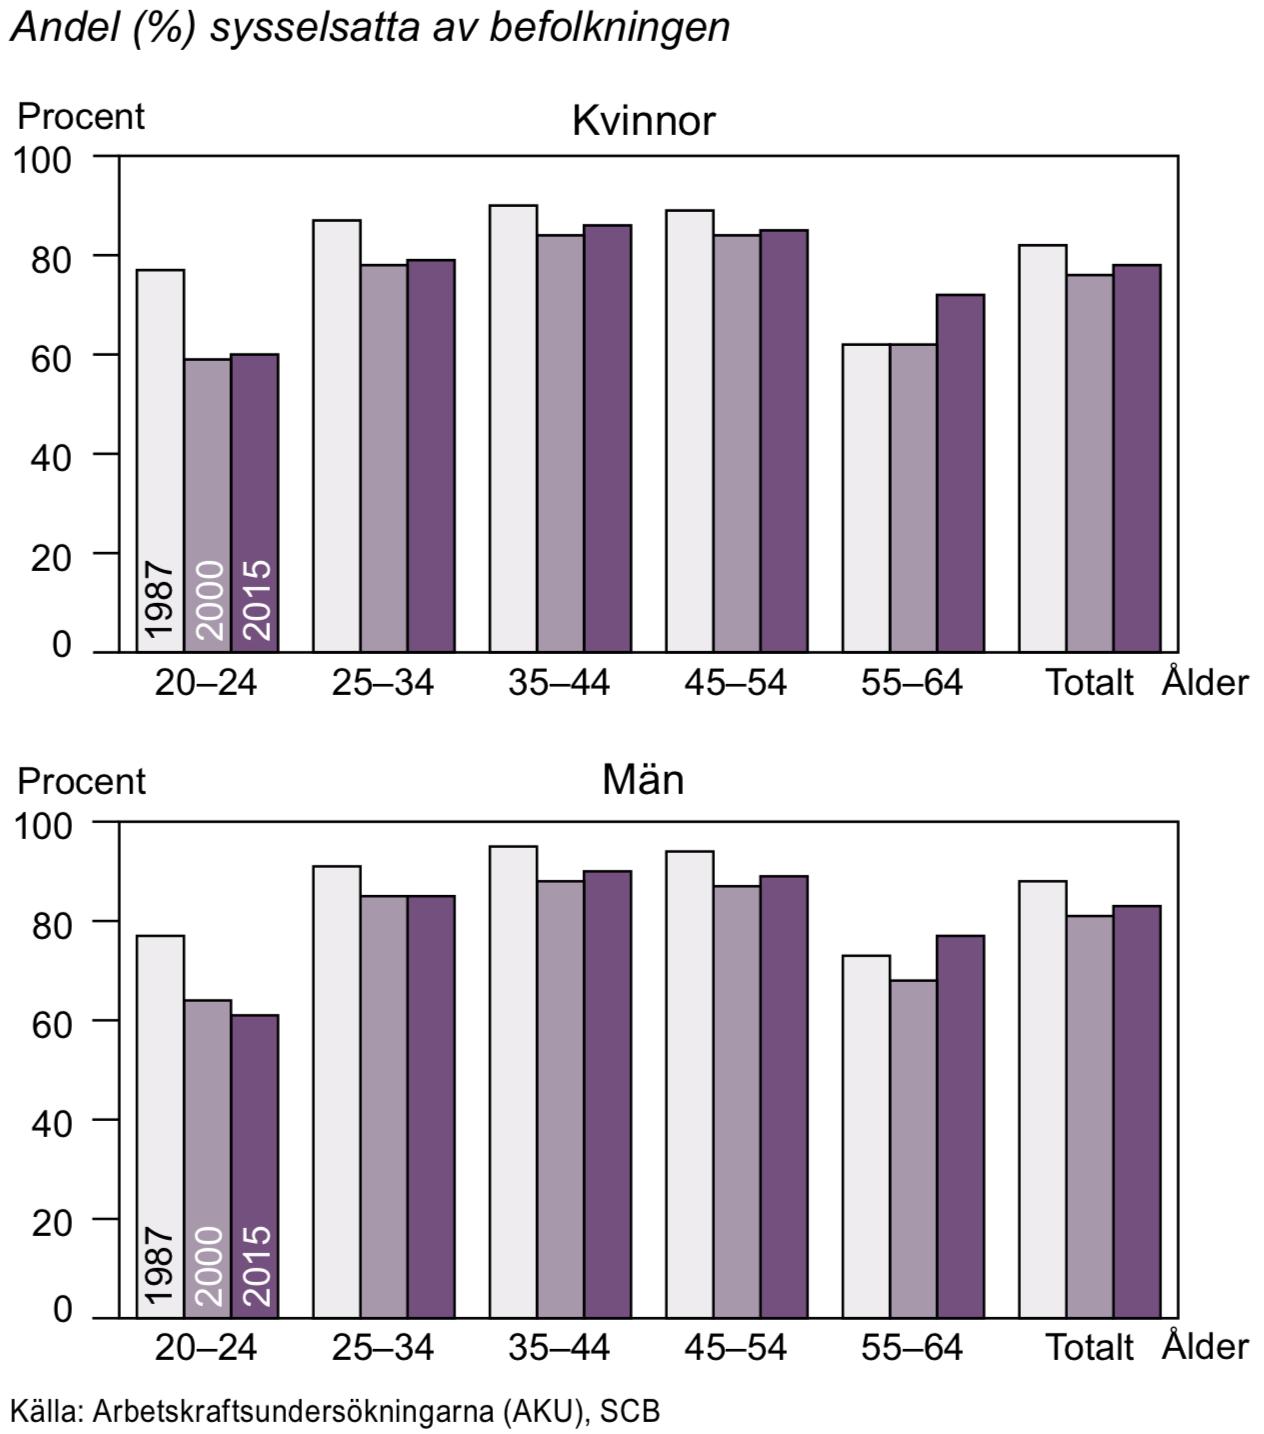 Sysselsättningsgrad för personer i åldern 20-64 år efter ålder 1987, 2000 ochg 2015